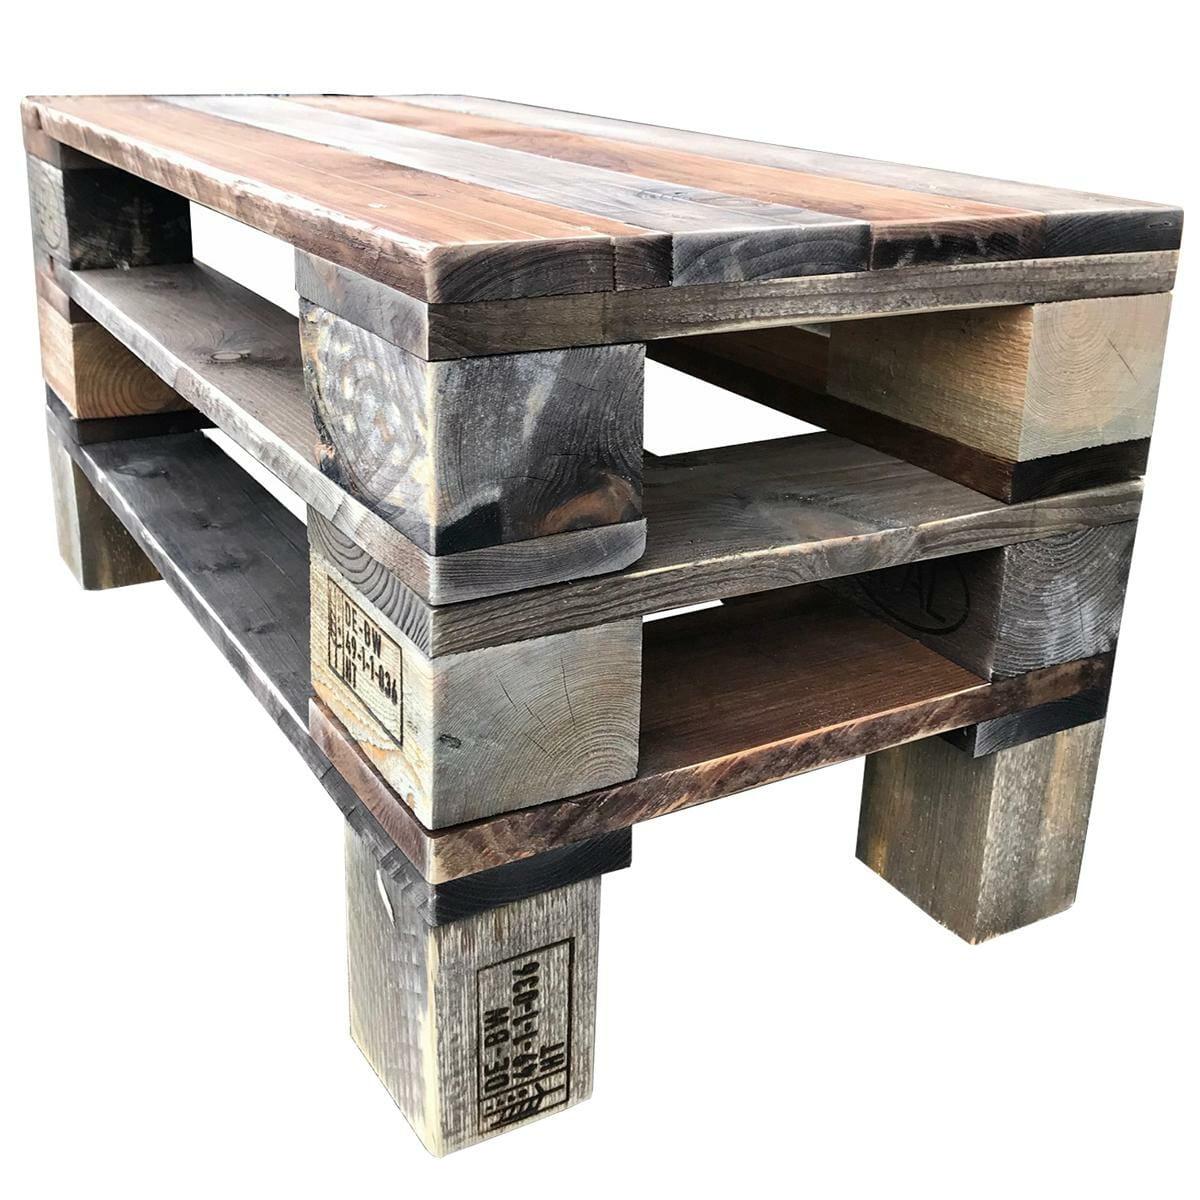 Tisch aus Paletten-Gartenmöbel aus Europaletten-3